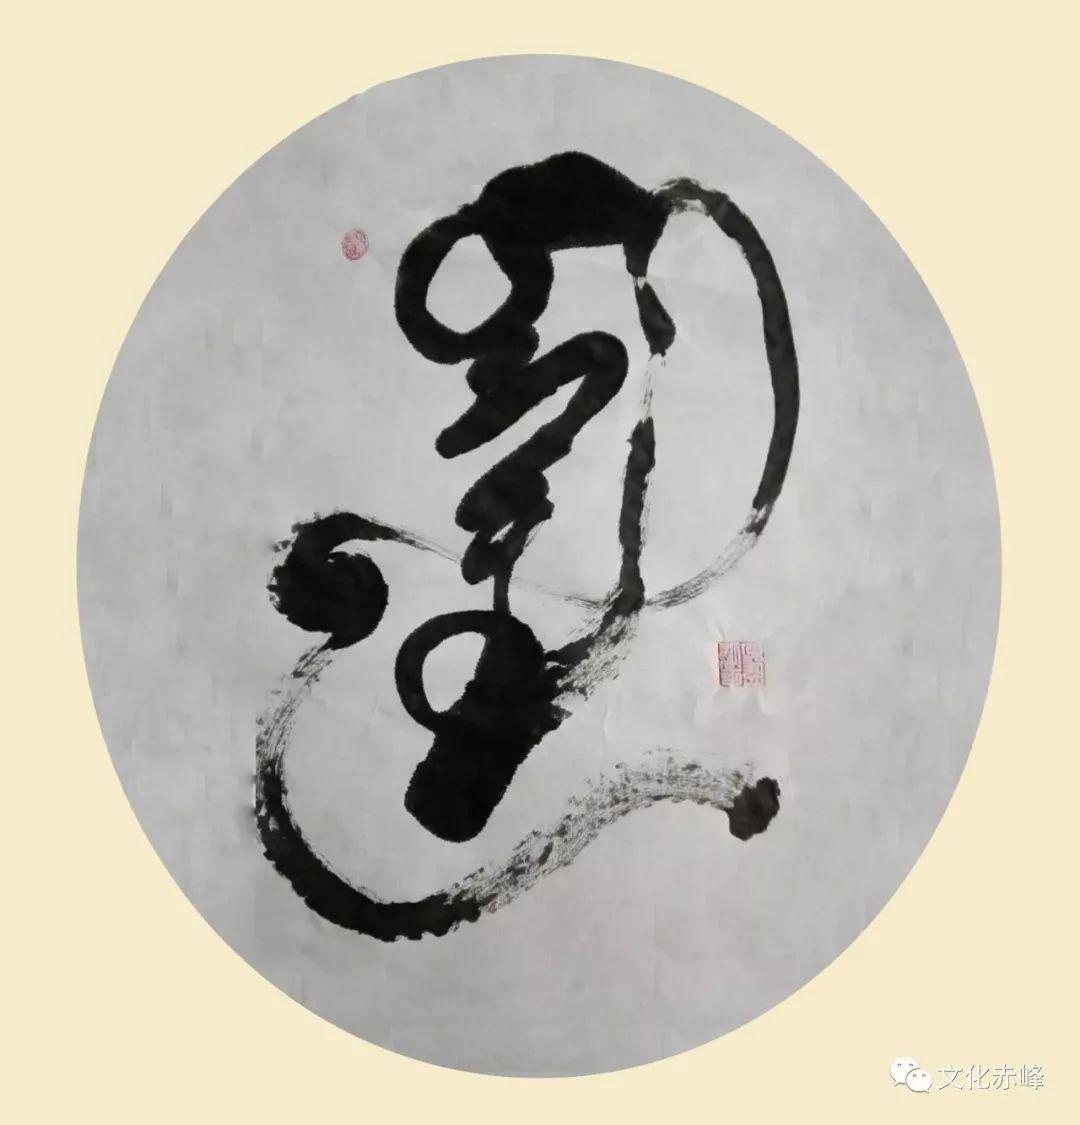 【文化赤峰】额尔敦巴图蒙古文书法作品欣赏! 第4张